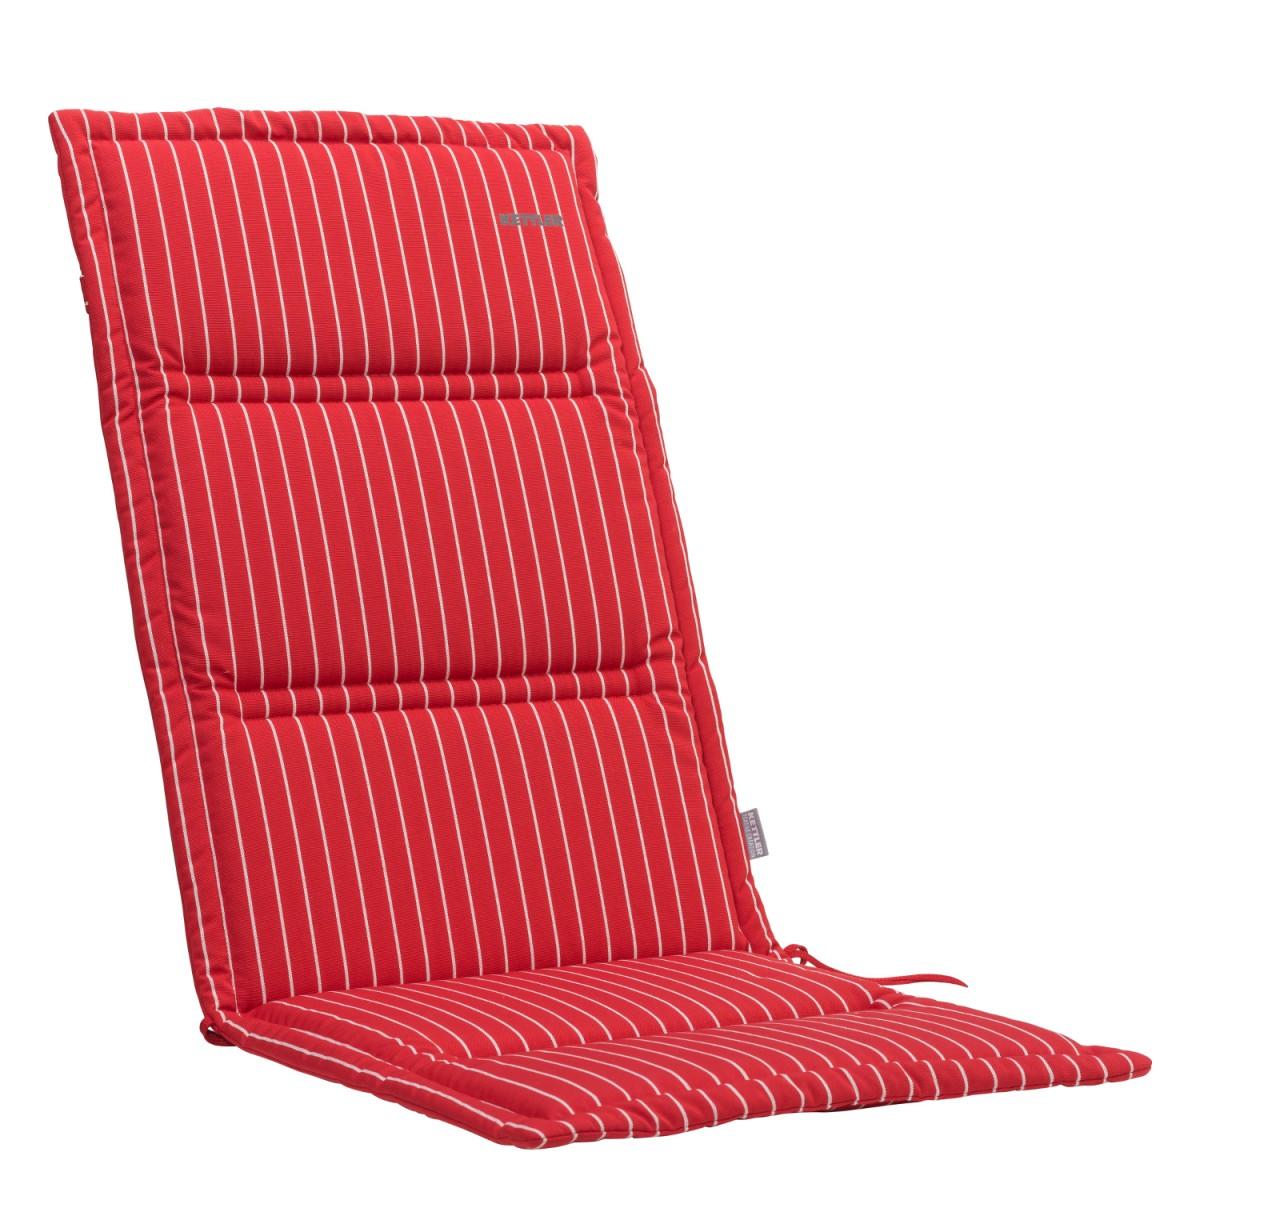 Polster DESSIN 675 Sesselauflage 120 x 48 cm